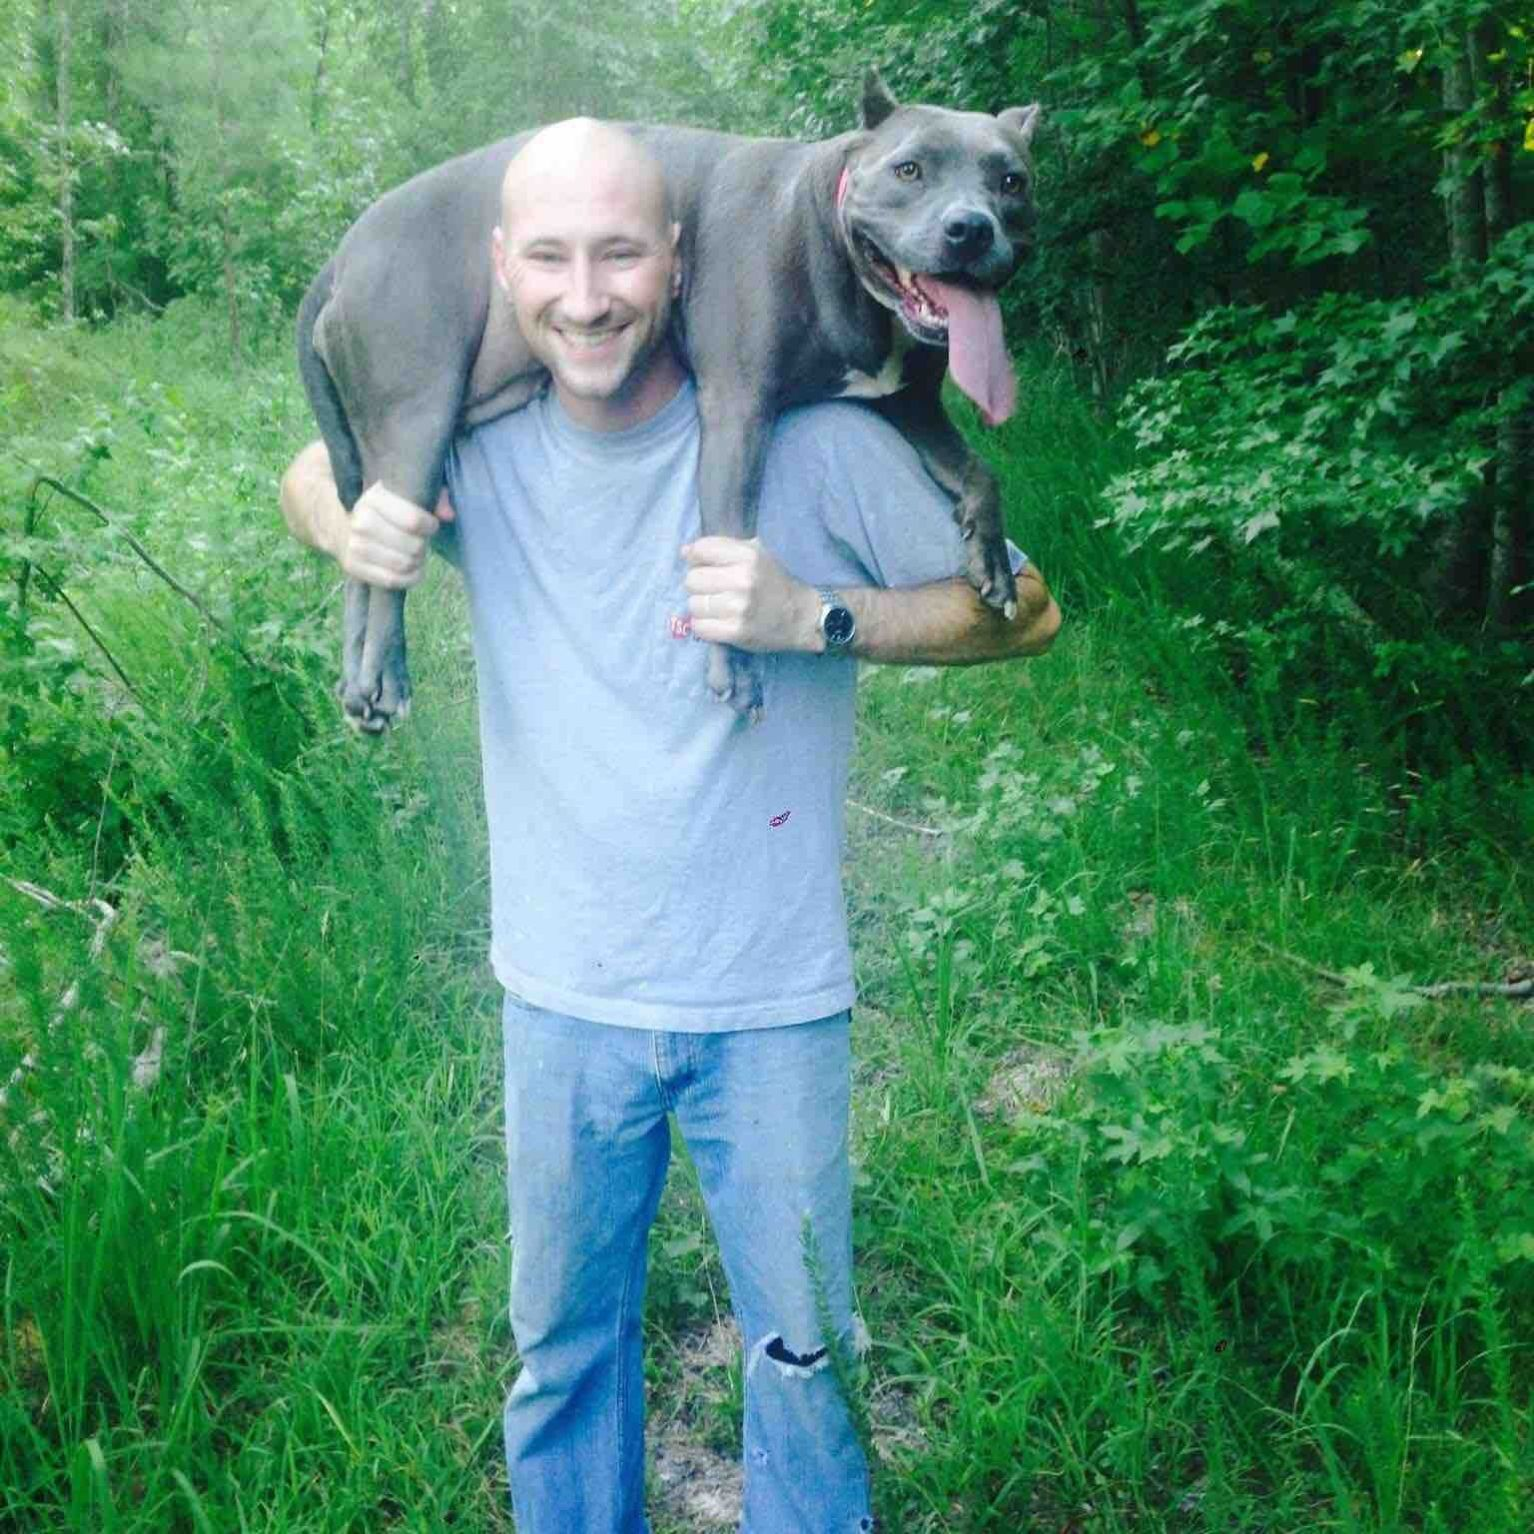 Johnny Bobbitt Jr and a dog